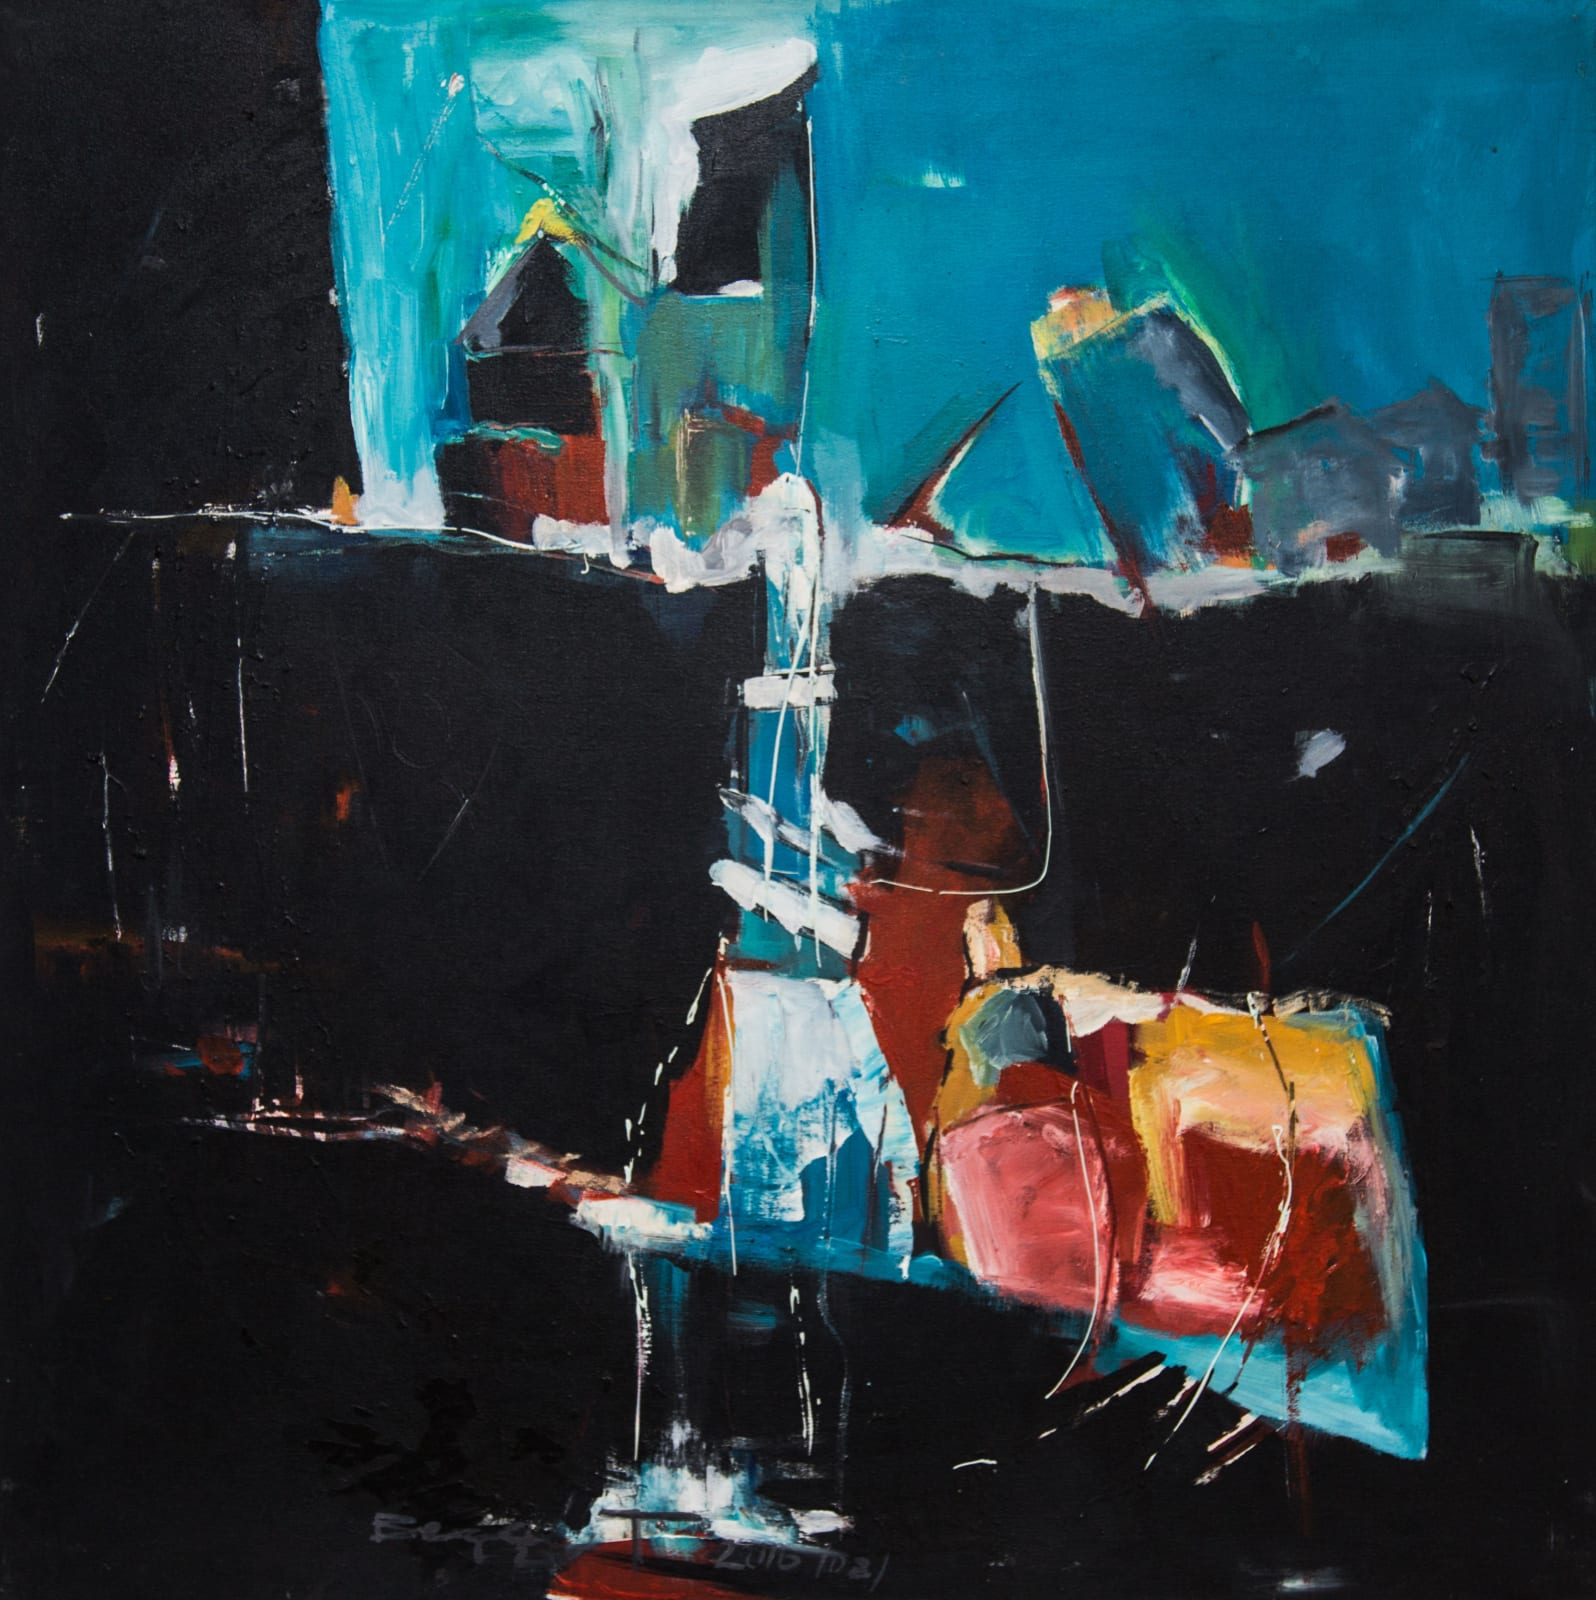 Bezawit Wondwosen, Untitled IV, 2016